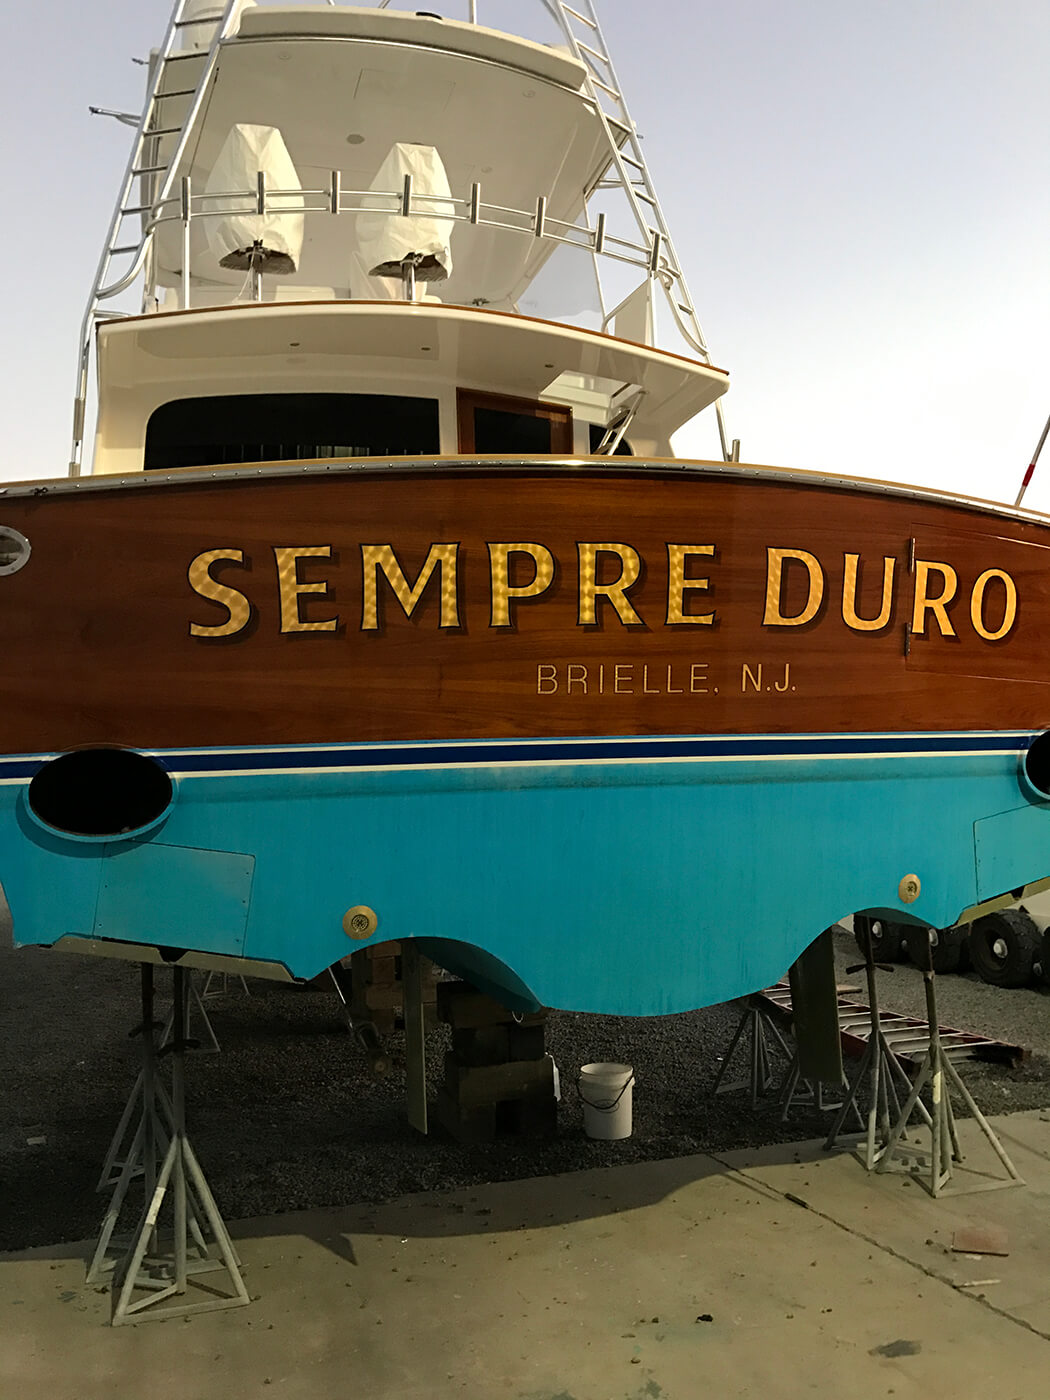 Sempre Duro Brielle New Jersey Boat Transom